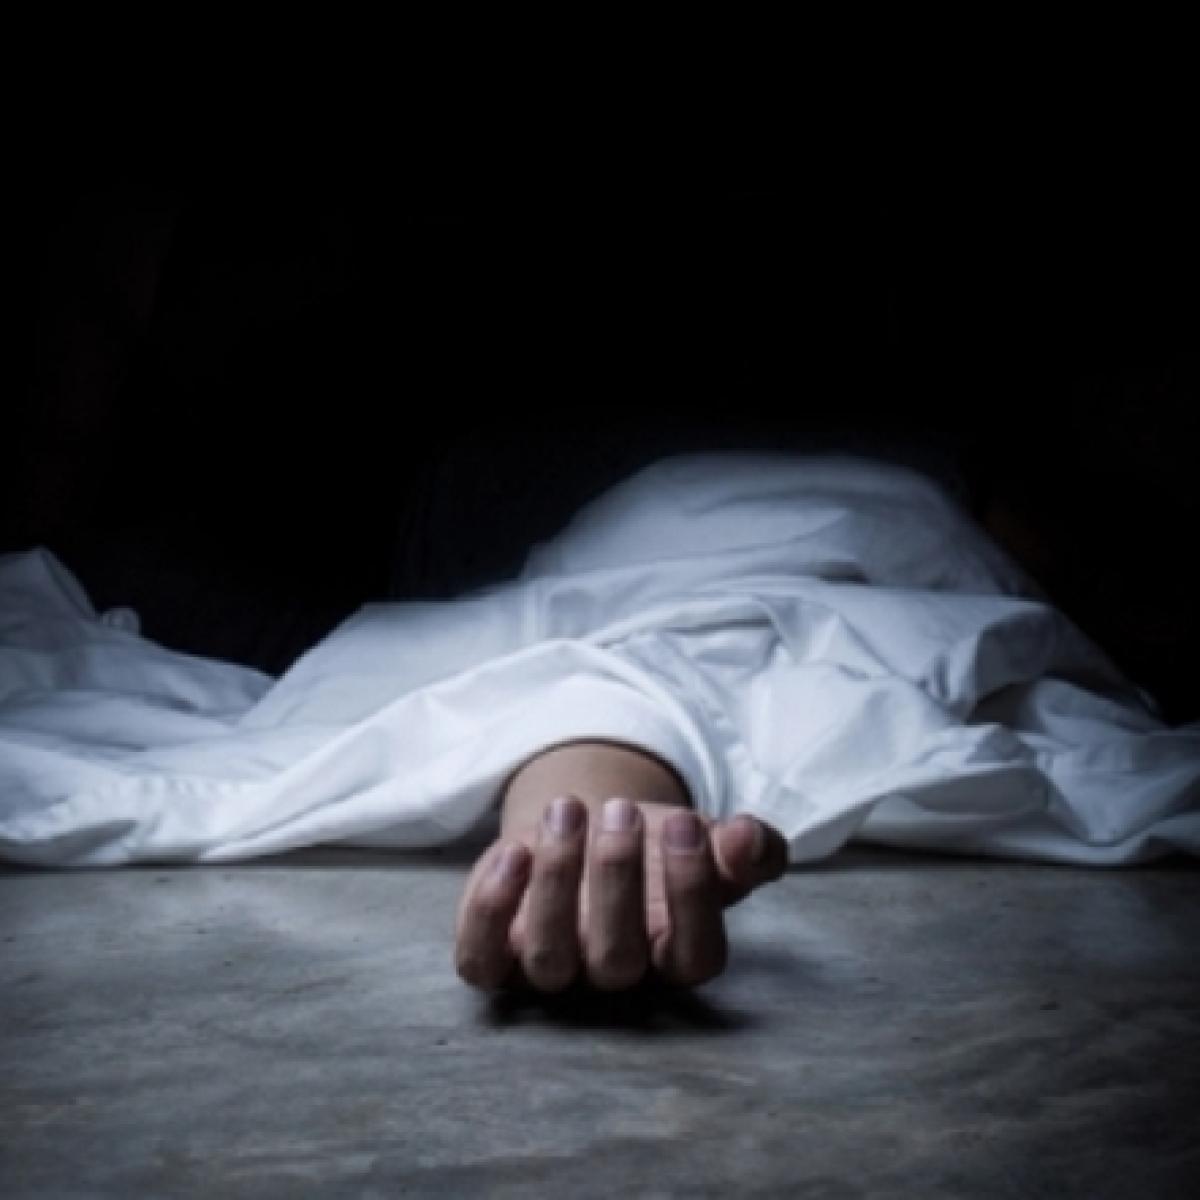 Mumbai: Man kills daughter, hangs self in Vile Parle due to depression